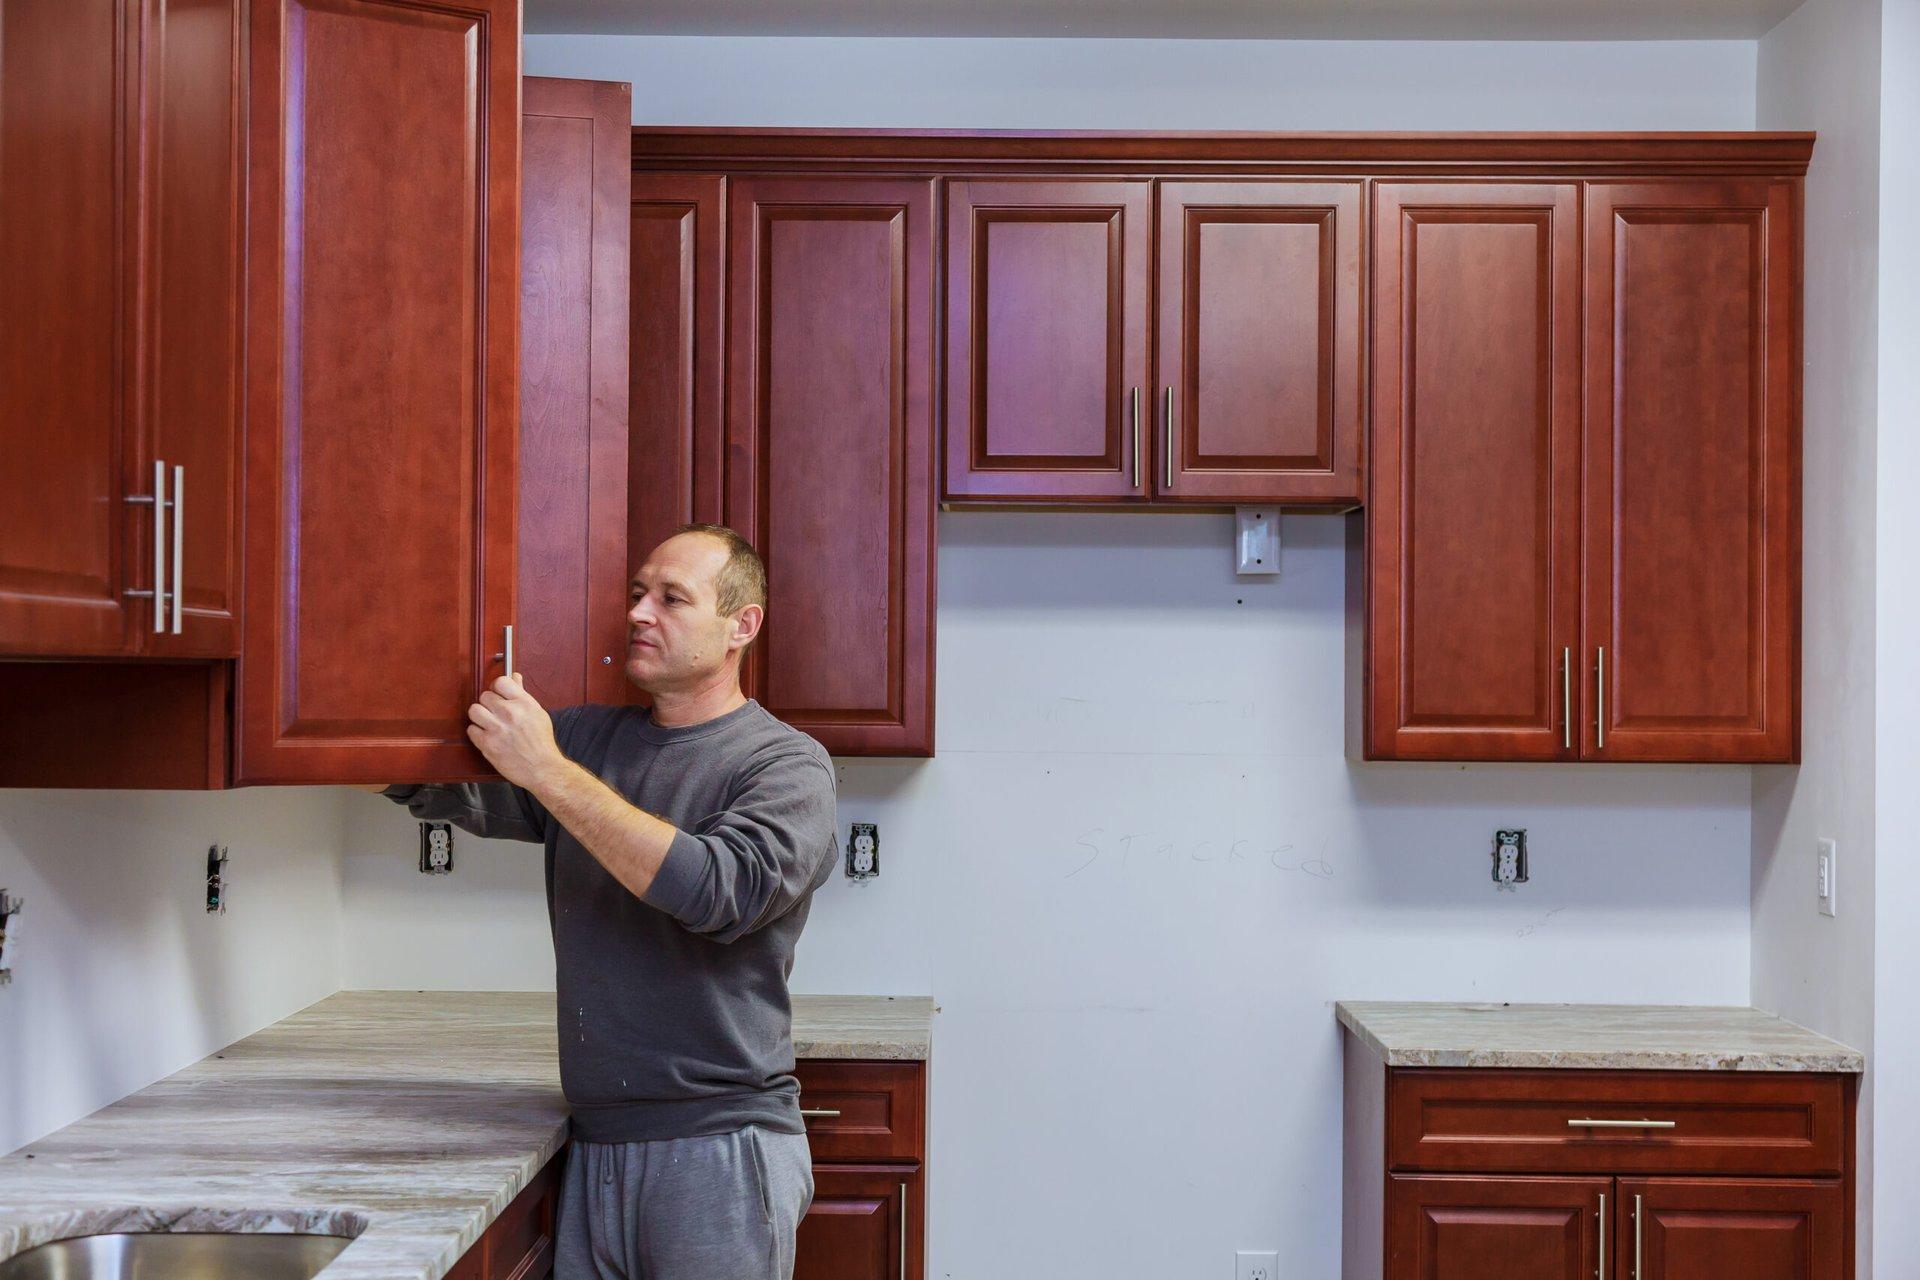 Carpenter putting in kitchen cabinets